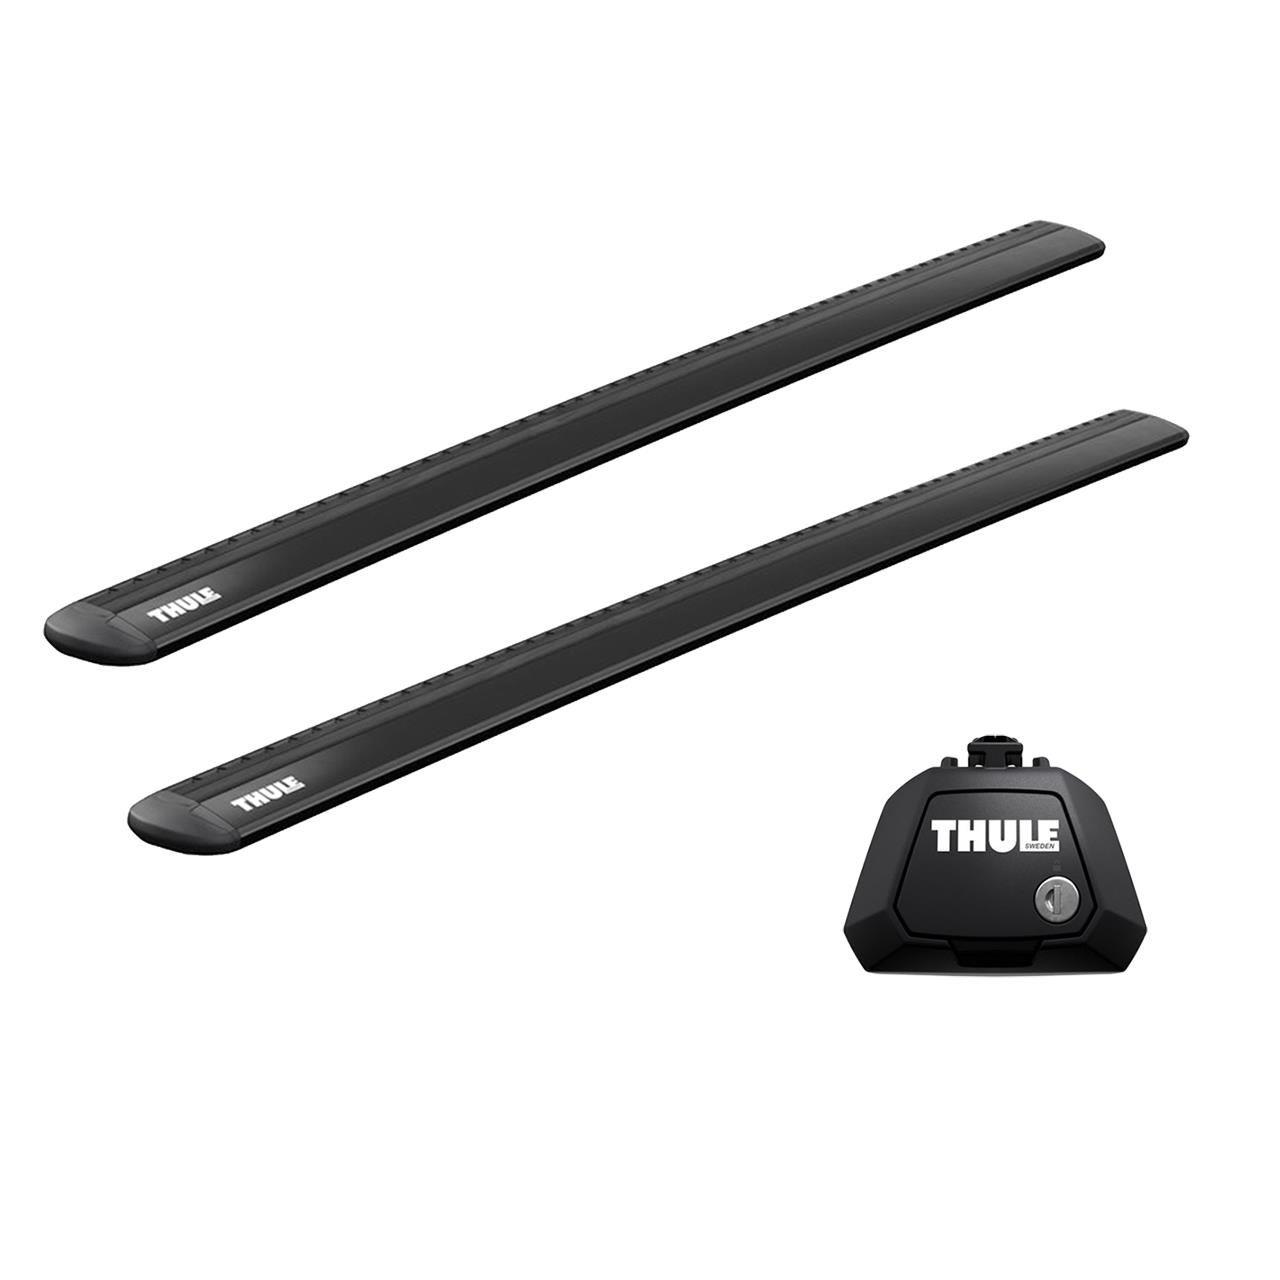 Напречни греди Thule Evo Raised Rail WingBar Evo 127cm в Черно за FORD Galaxy 5 врати MPV 96-00, 01-05 с фабрични надлъжни греди с просвет 1